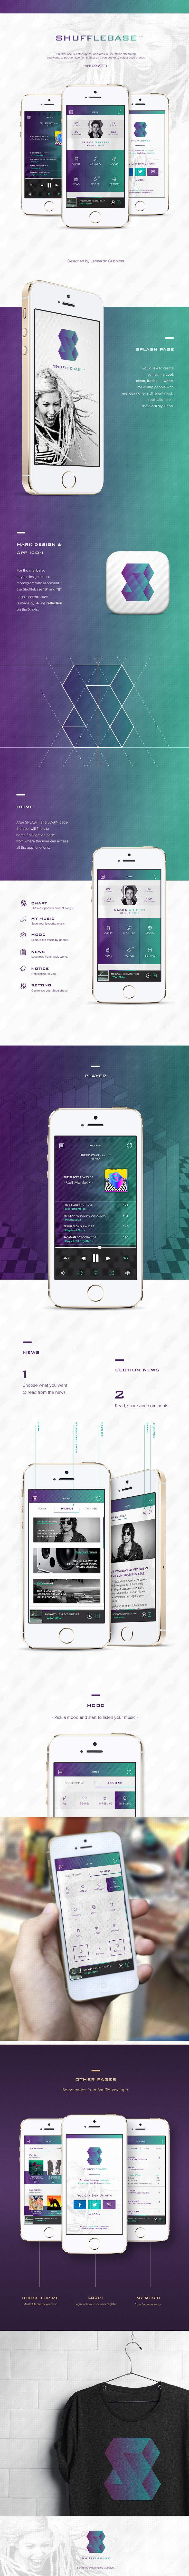 Shufflebase   Music App Concept on Behance